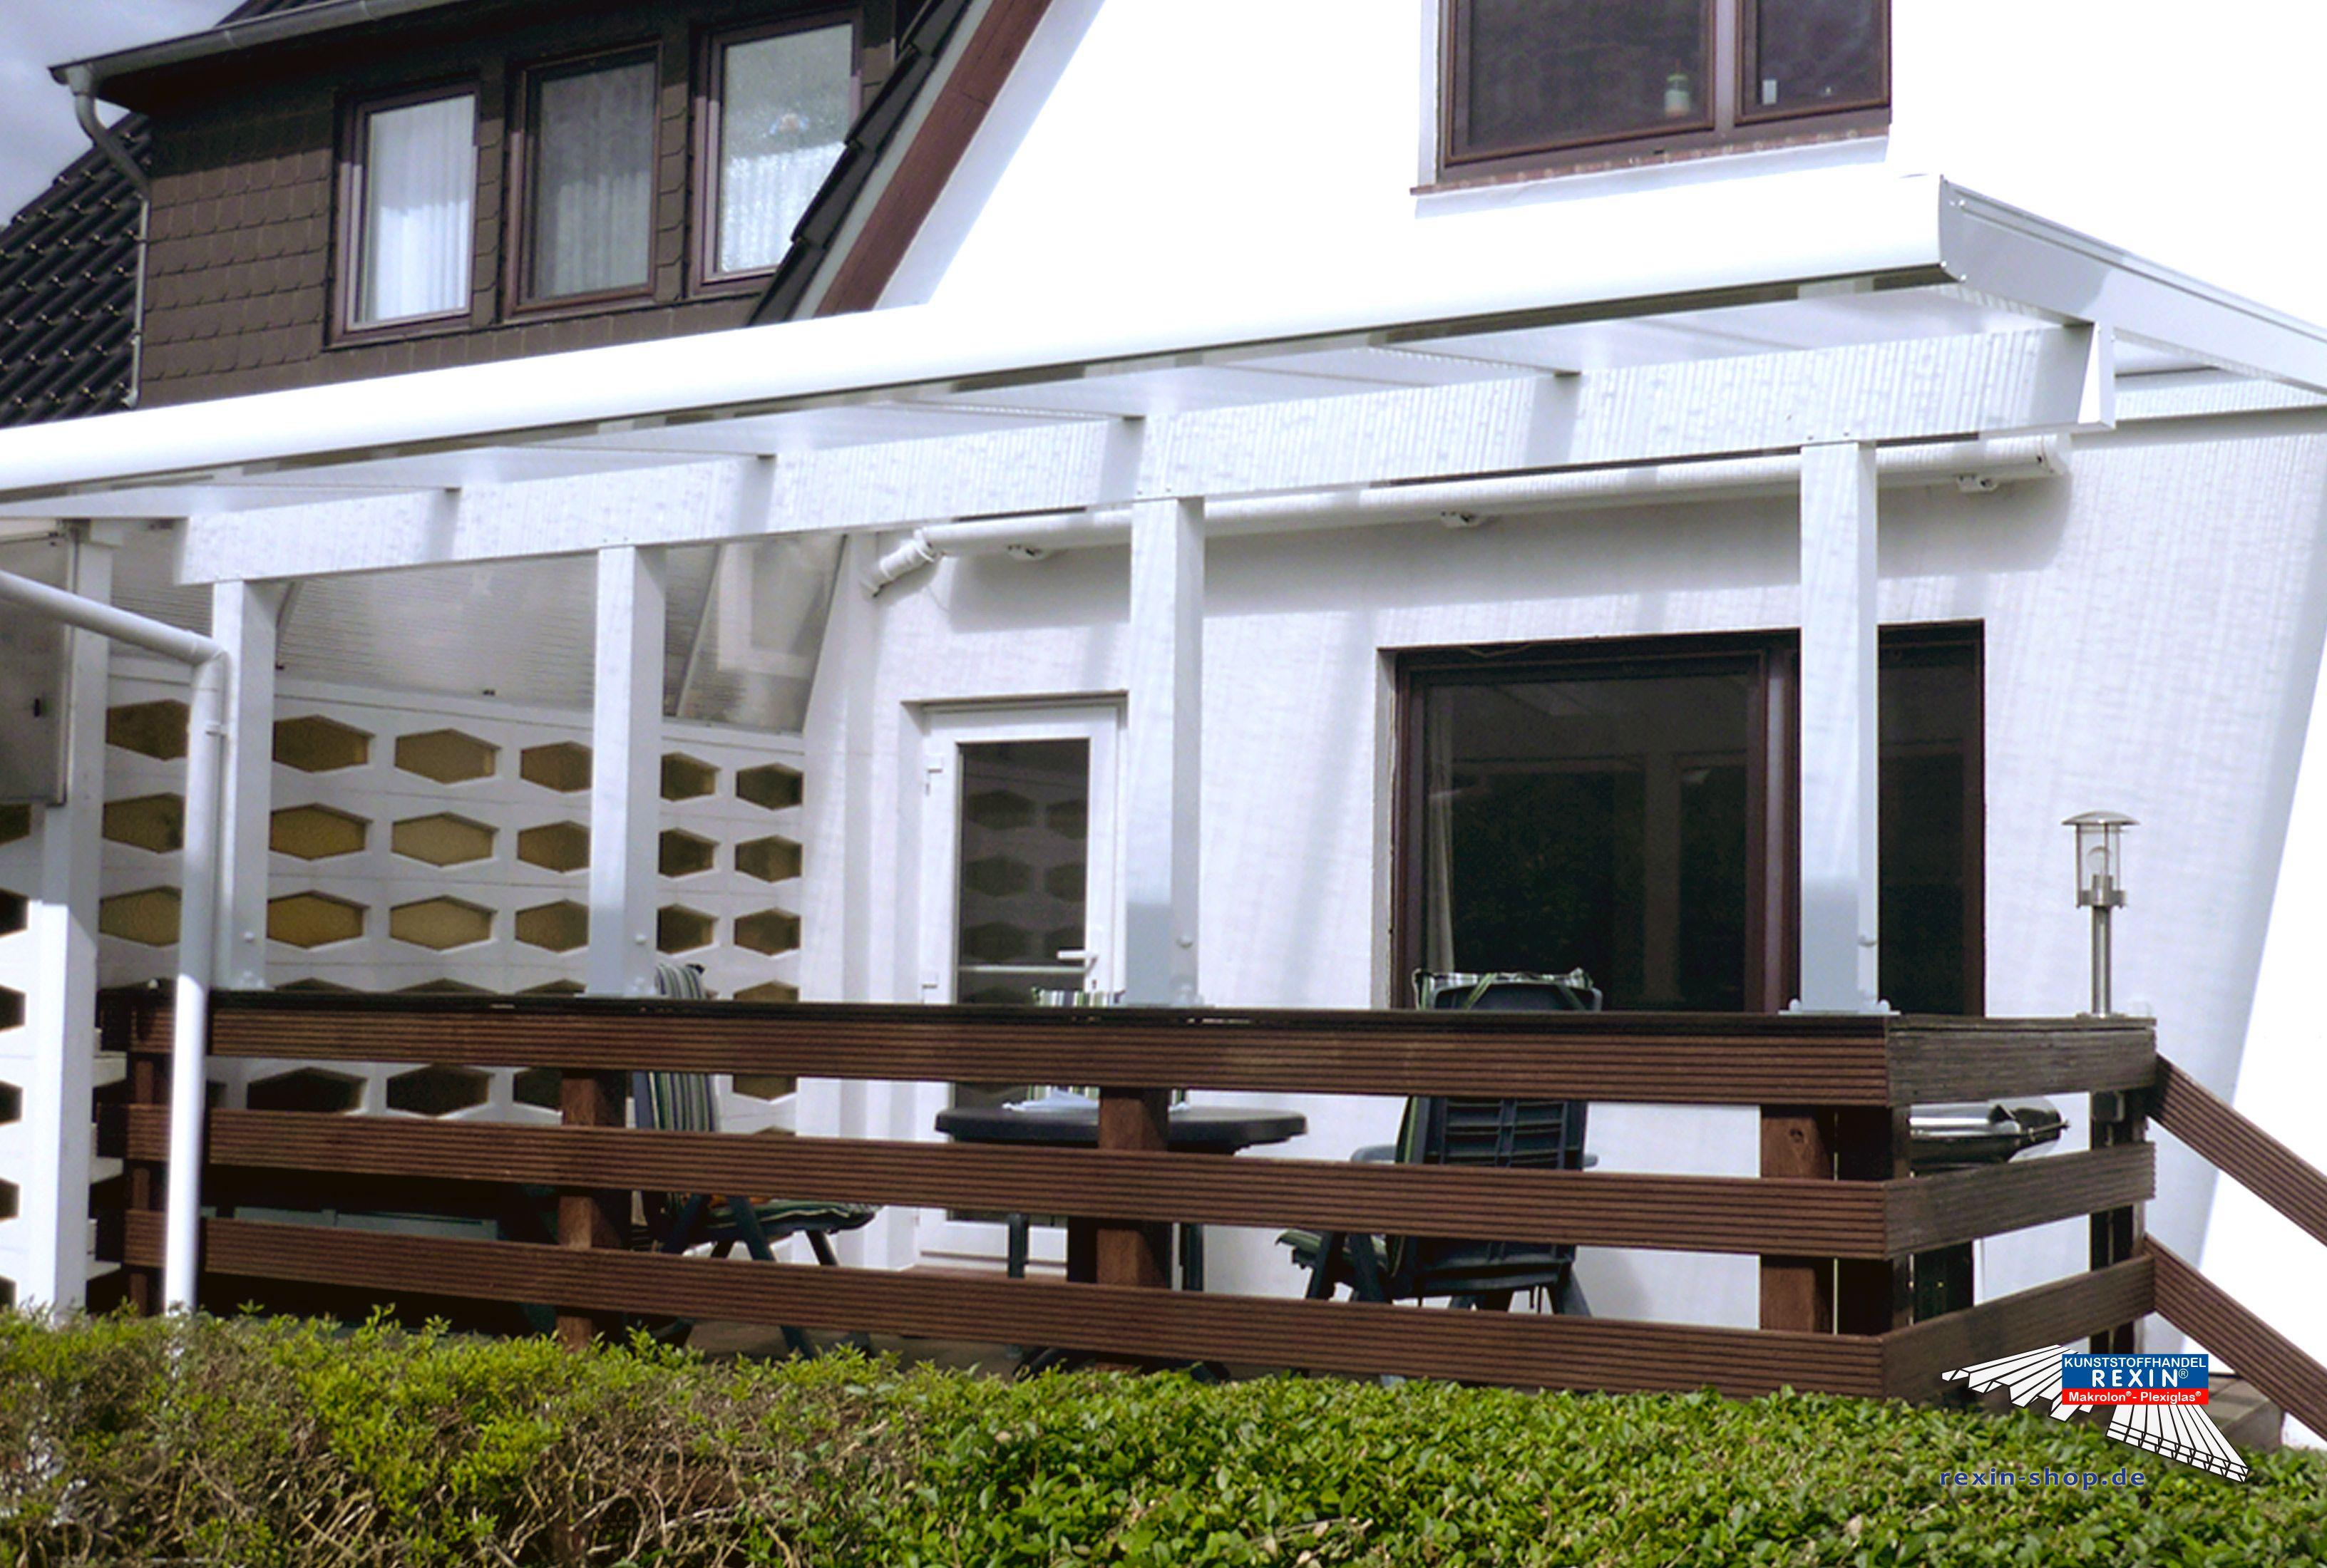 24fcdb4deeffbdb892d3799ffe9f9db9 Inspiration Sichtschutz Balkon Einseitig Durchsichtig Schema